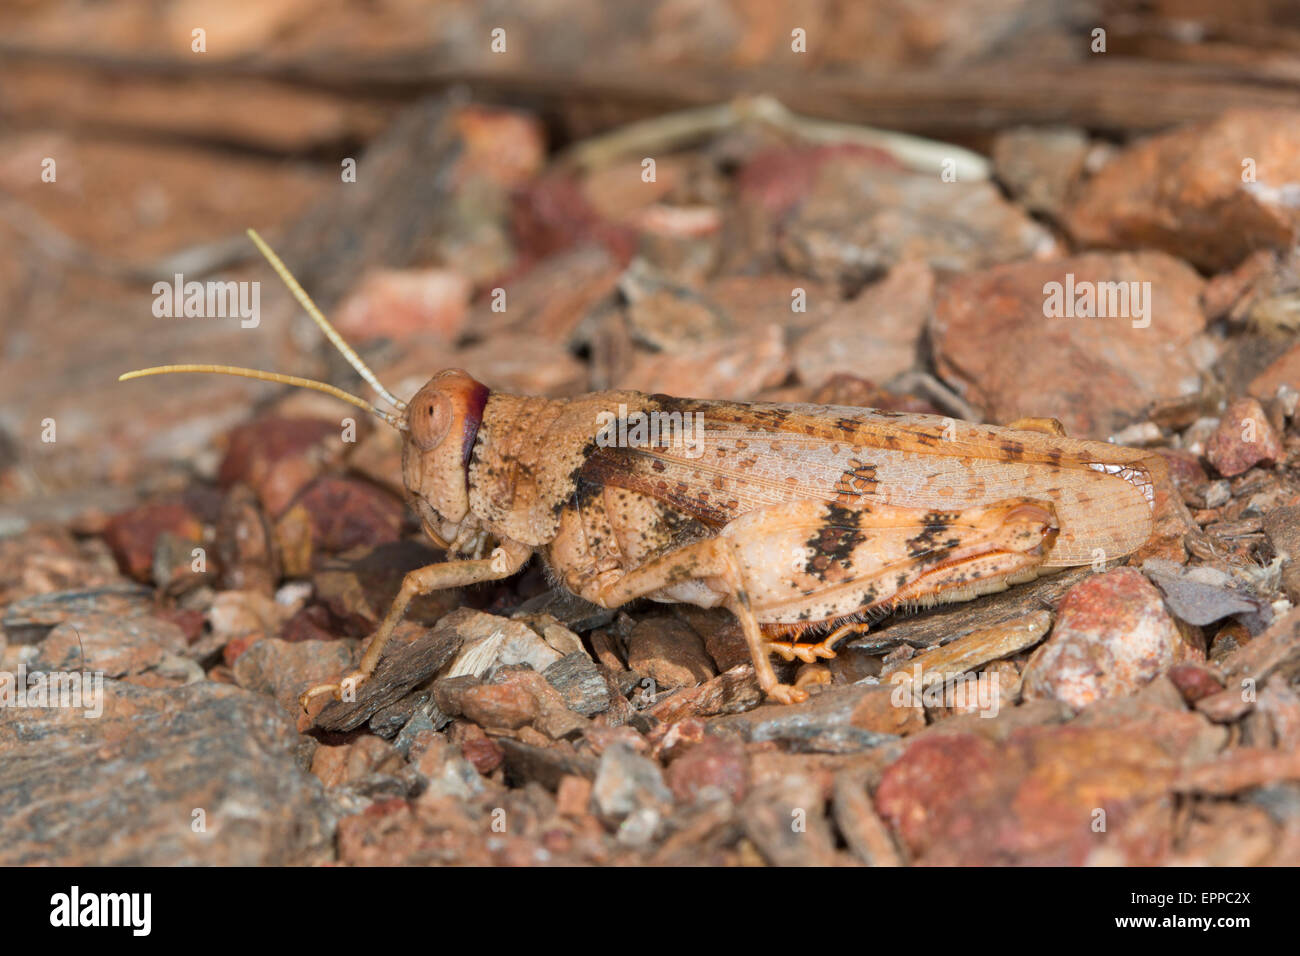 well camouflaged Grasshopper on gravel in an Australian desert - Stock Image